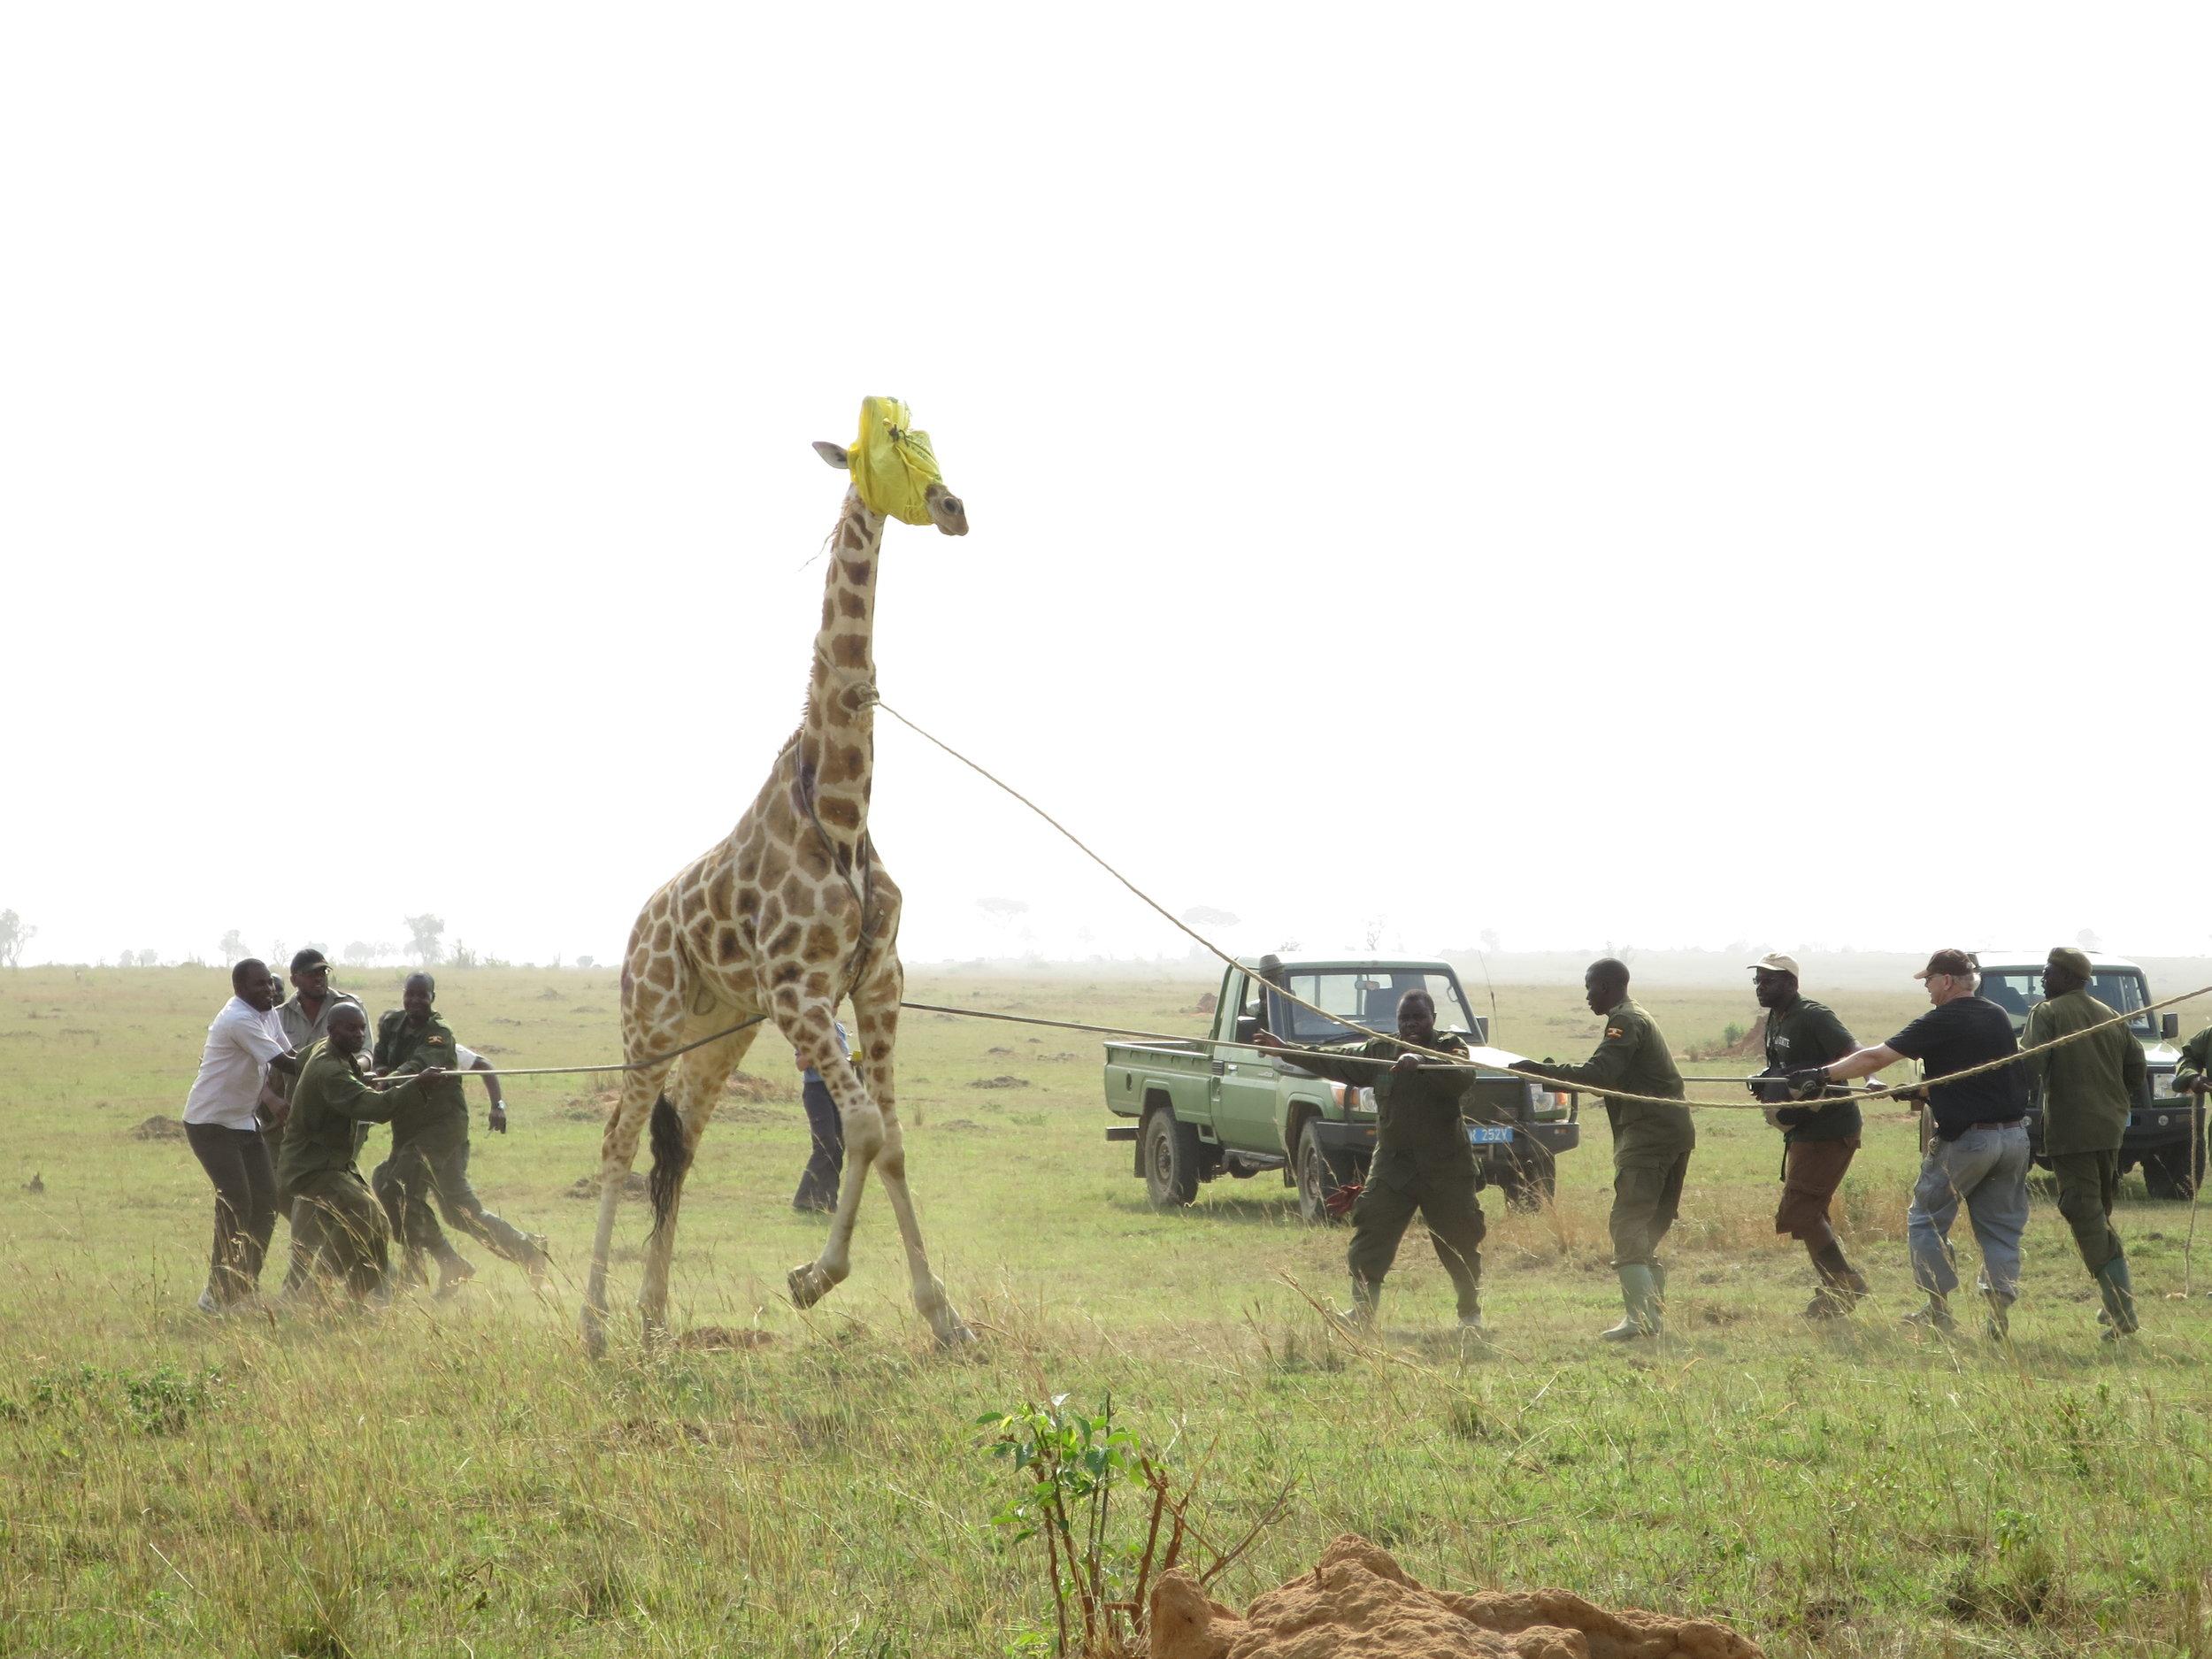 Giraffe wrangling in Murchison Falls National Park, Uganda, 2016.